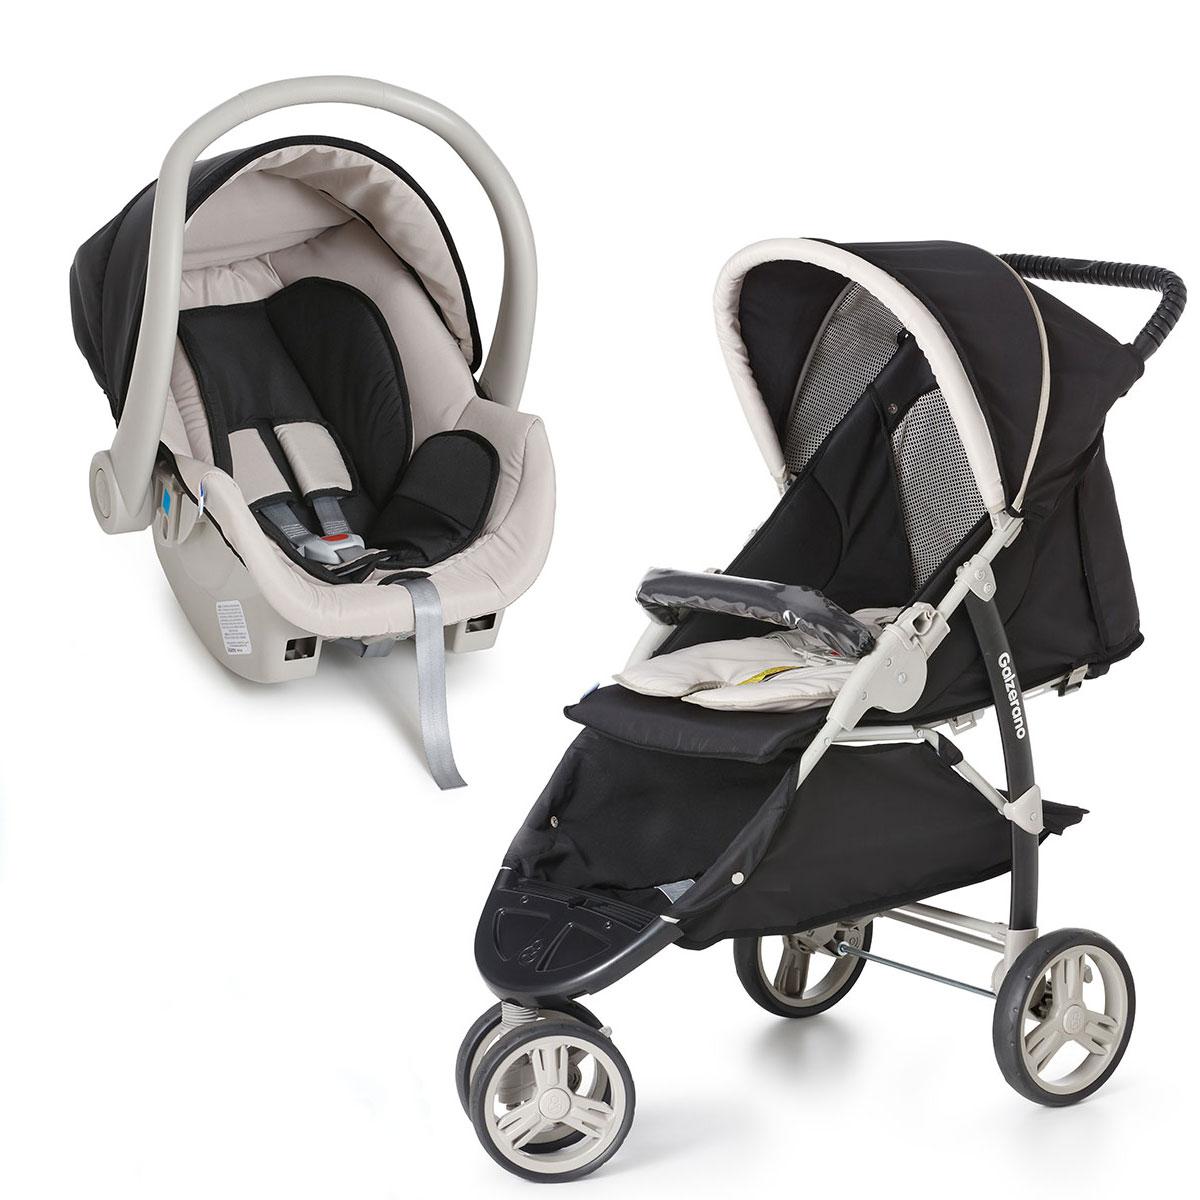 Carrinho 3 Rodas Cross com Bebê conforto Preto - Galzerano